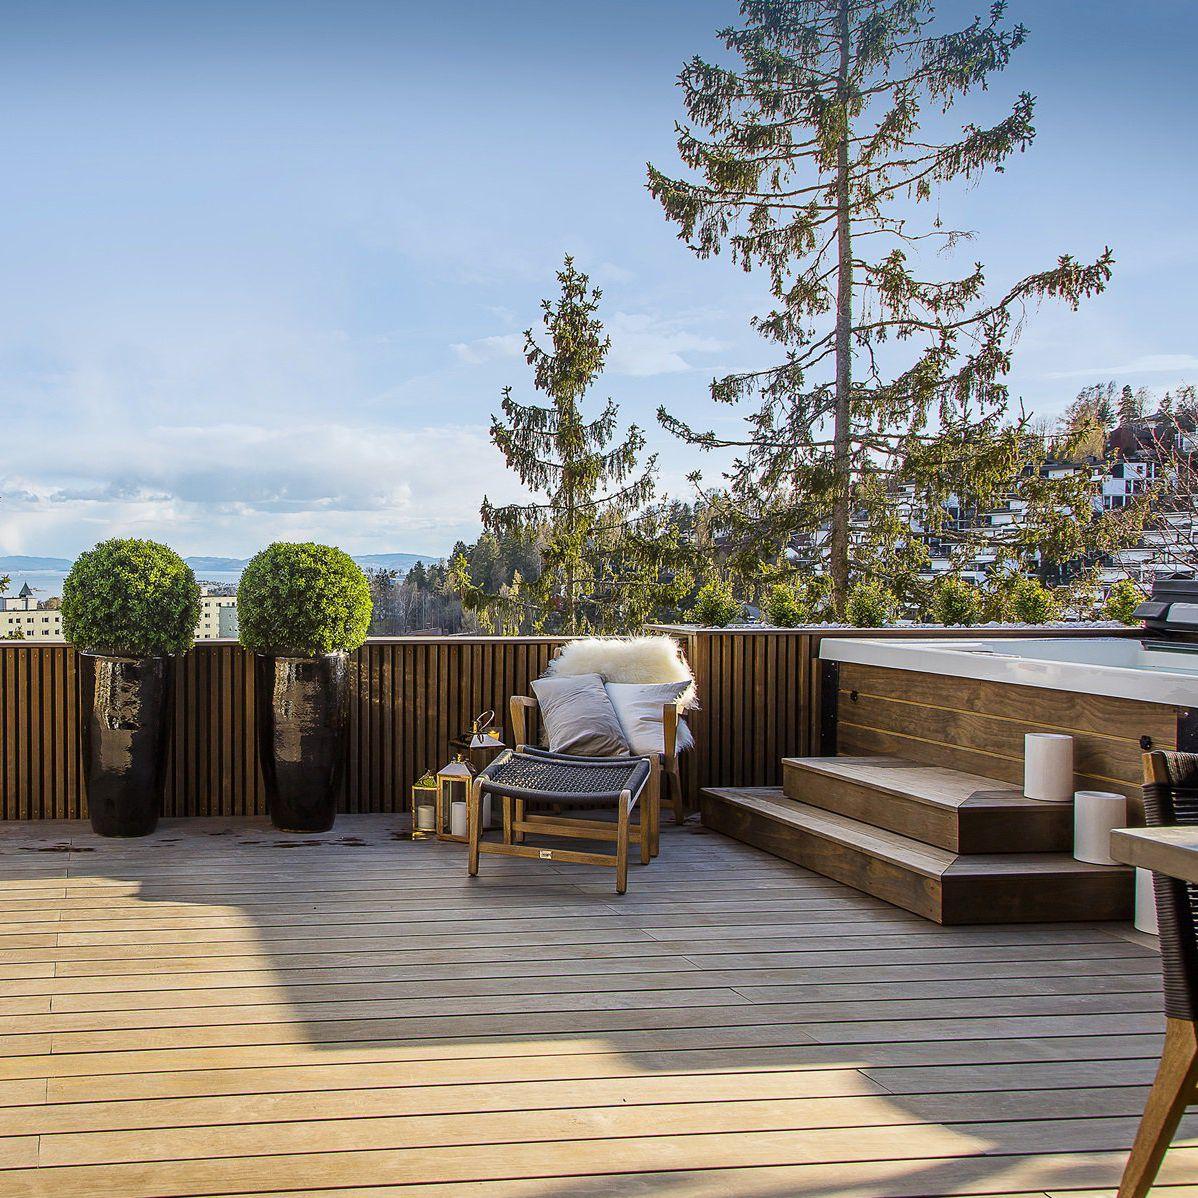 Full Size of Jacuzzi Holz Terrassendiele Modifiziertes Rooftop Apartment With Fliesen In Holzoptik Bad Holzküche Esstisch Garten Loungemöbel Alu Fenster Esstische Preise Wohnzimmer Jacuzzi Holz